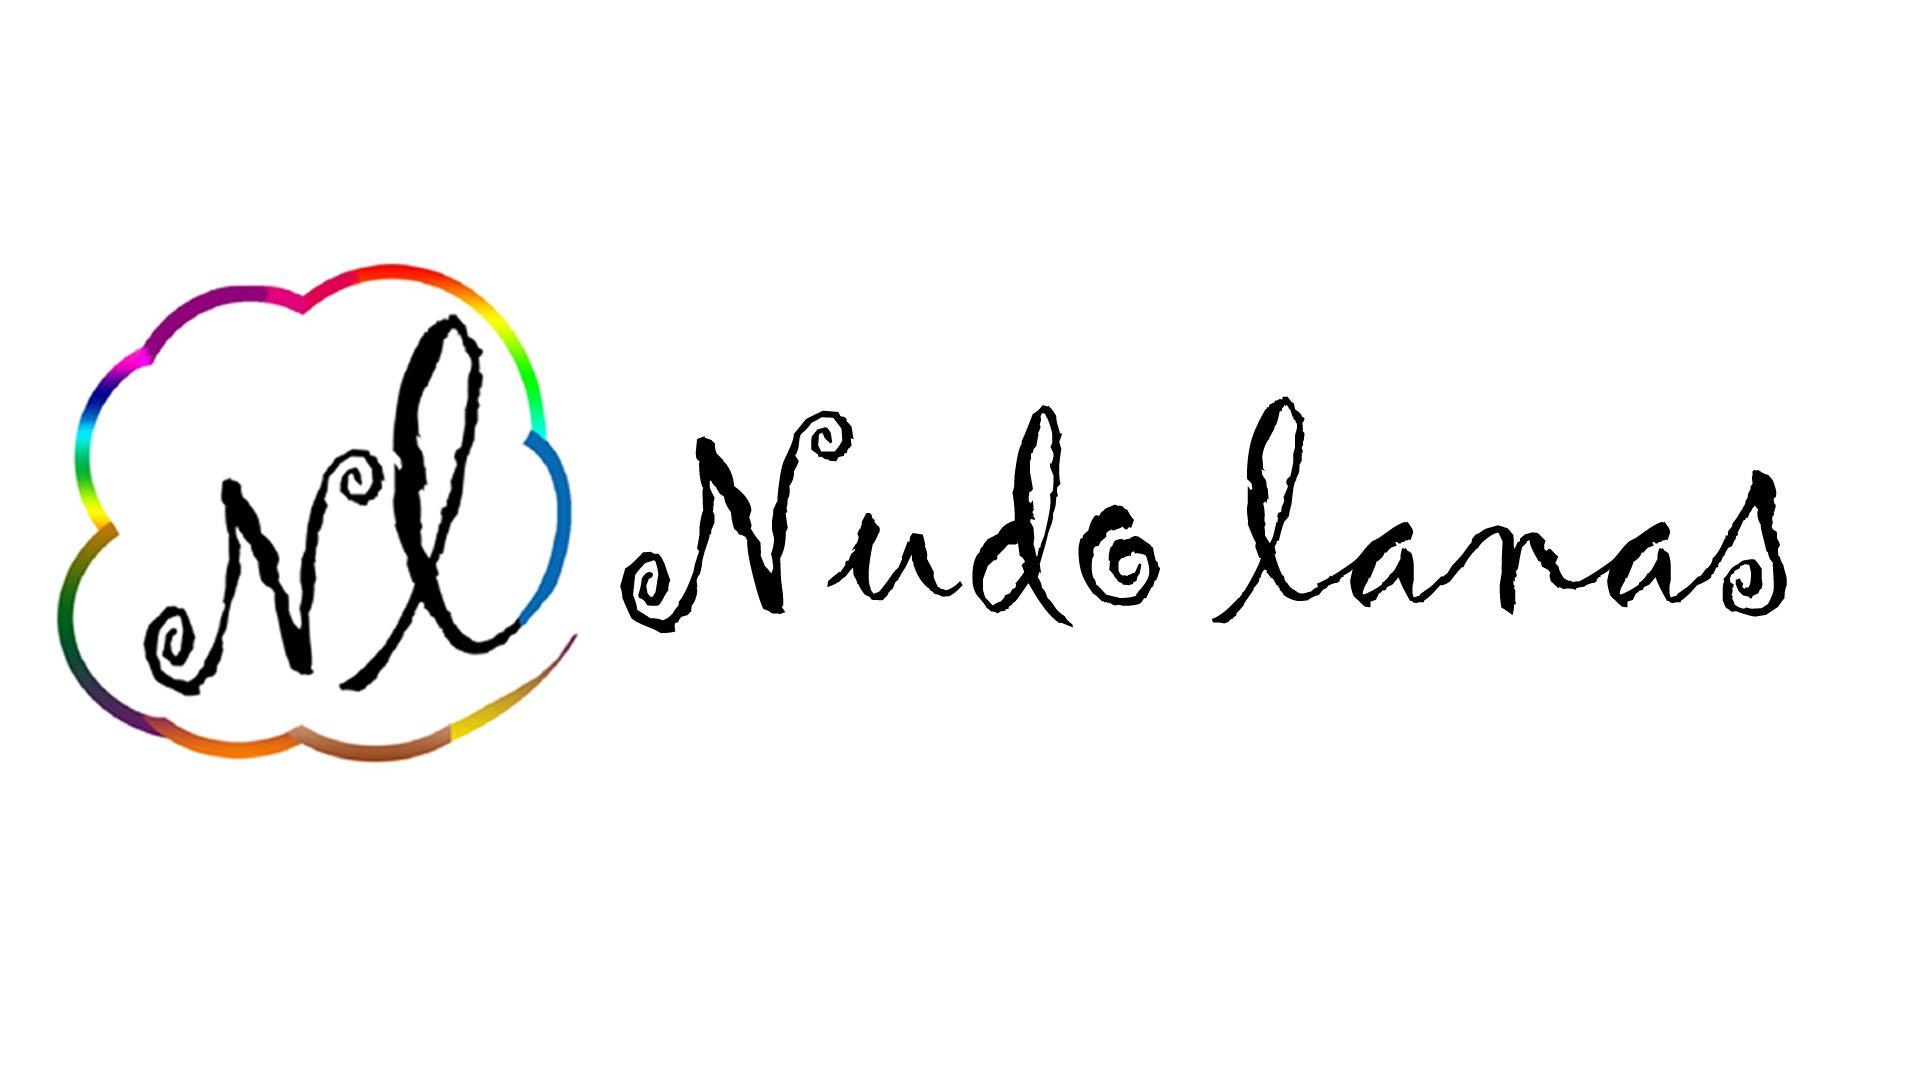 BIENVENID@S A NUDOLANAS